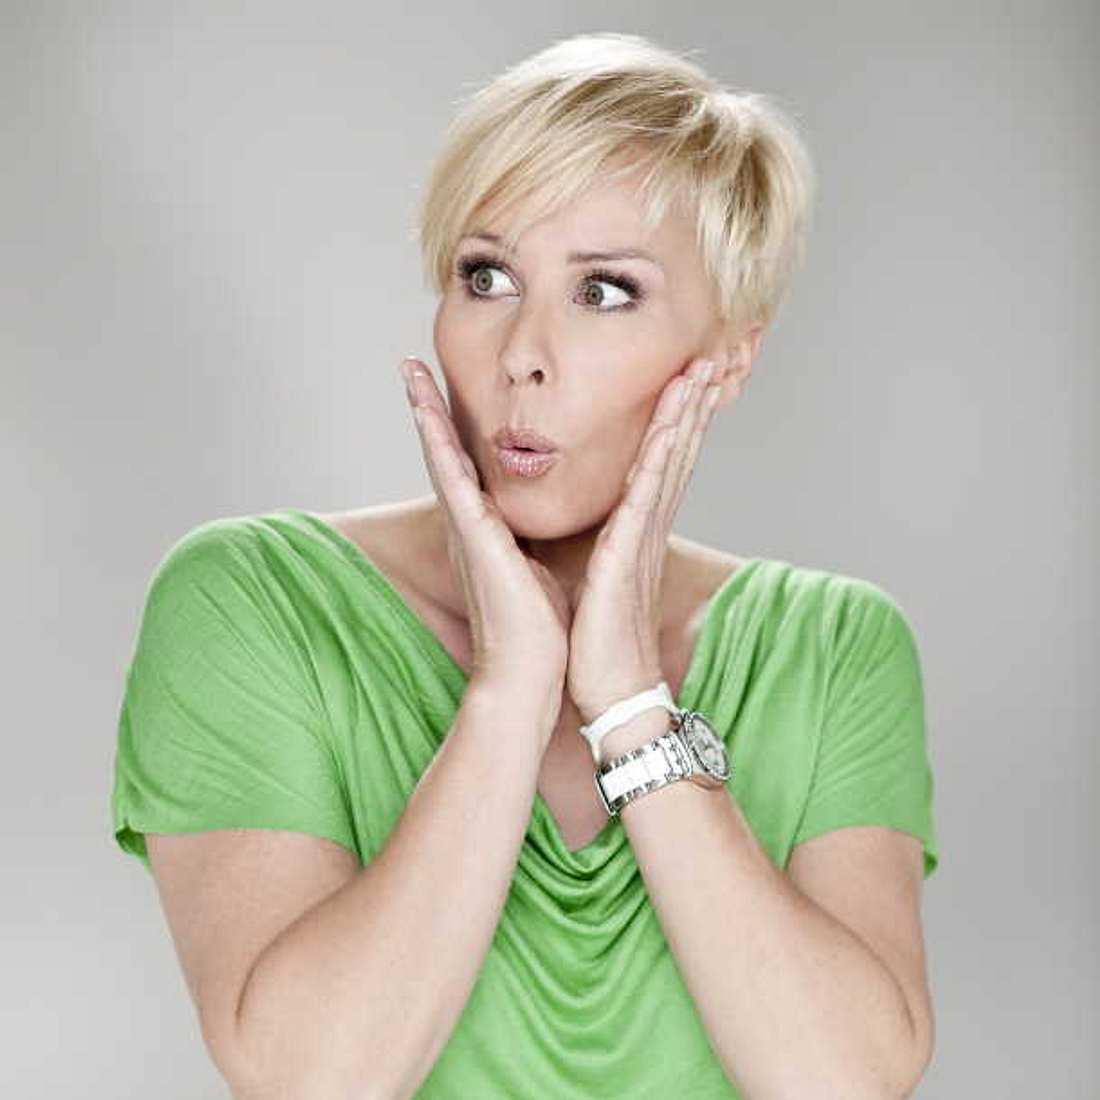 RTL zeigt zur Primetime geklaute Nacktfotos!